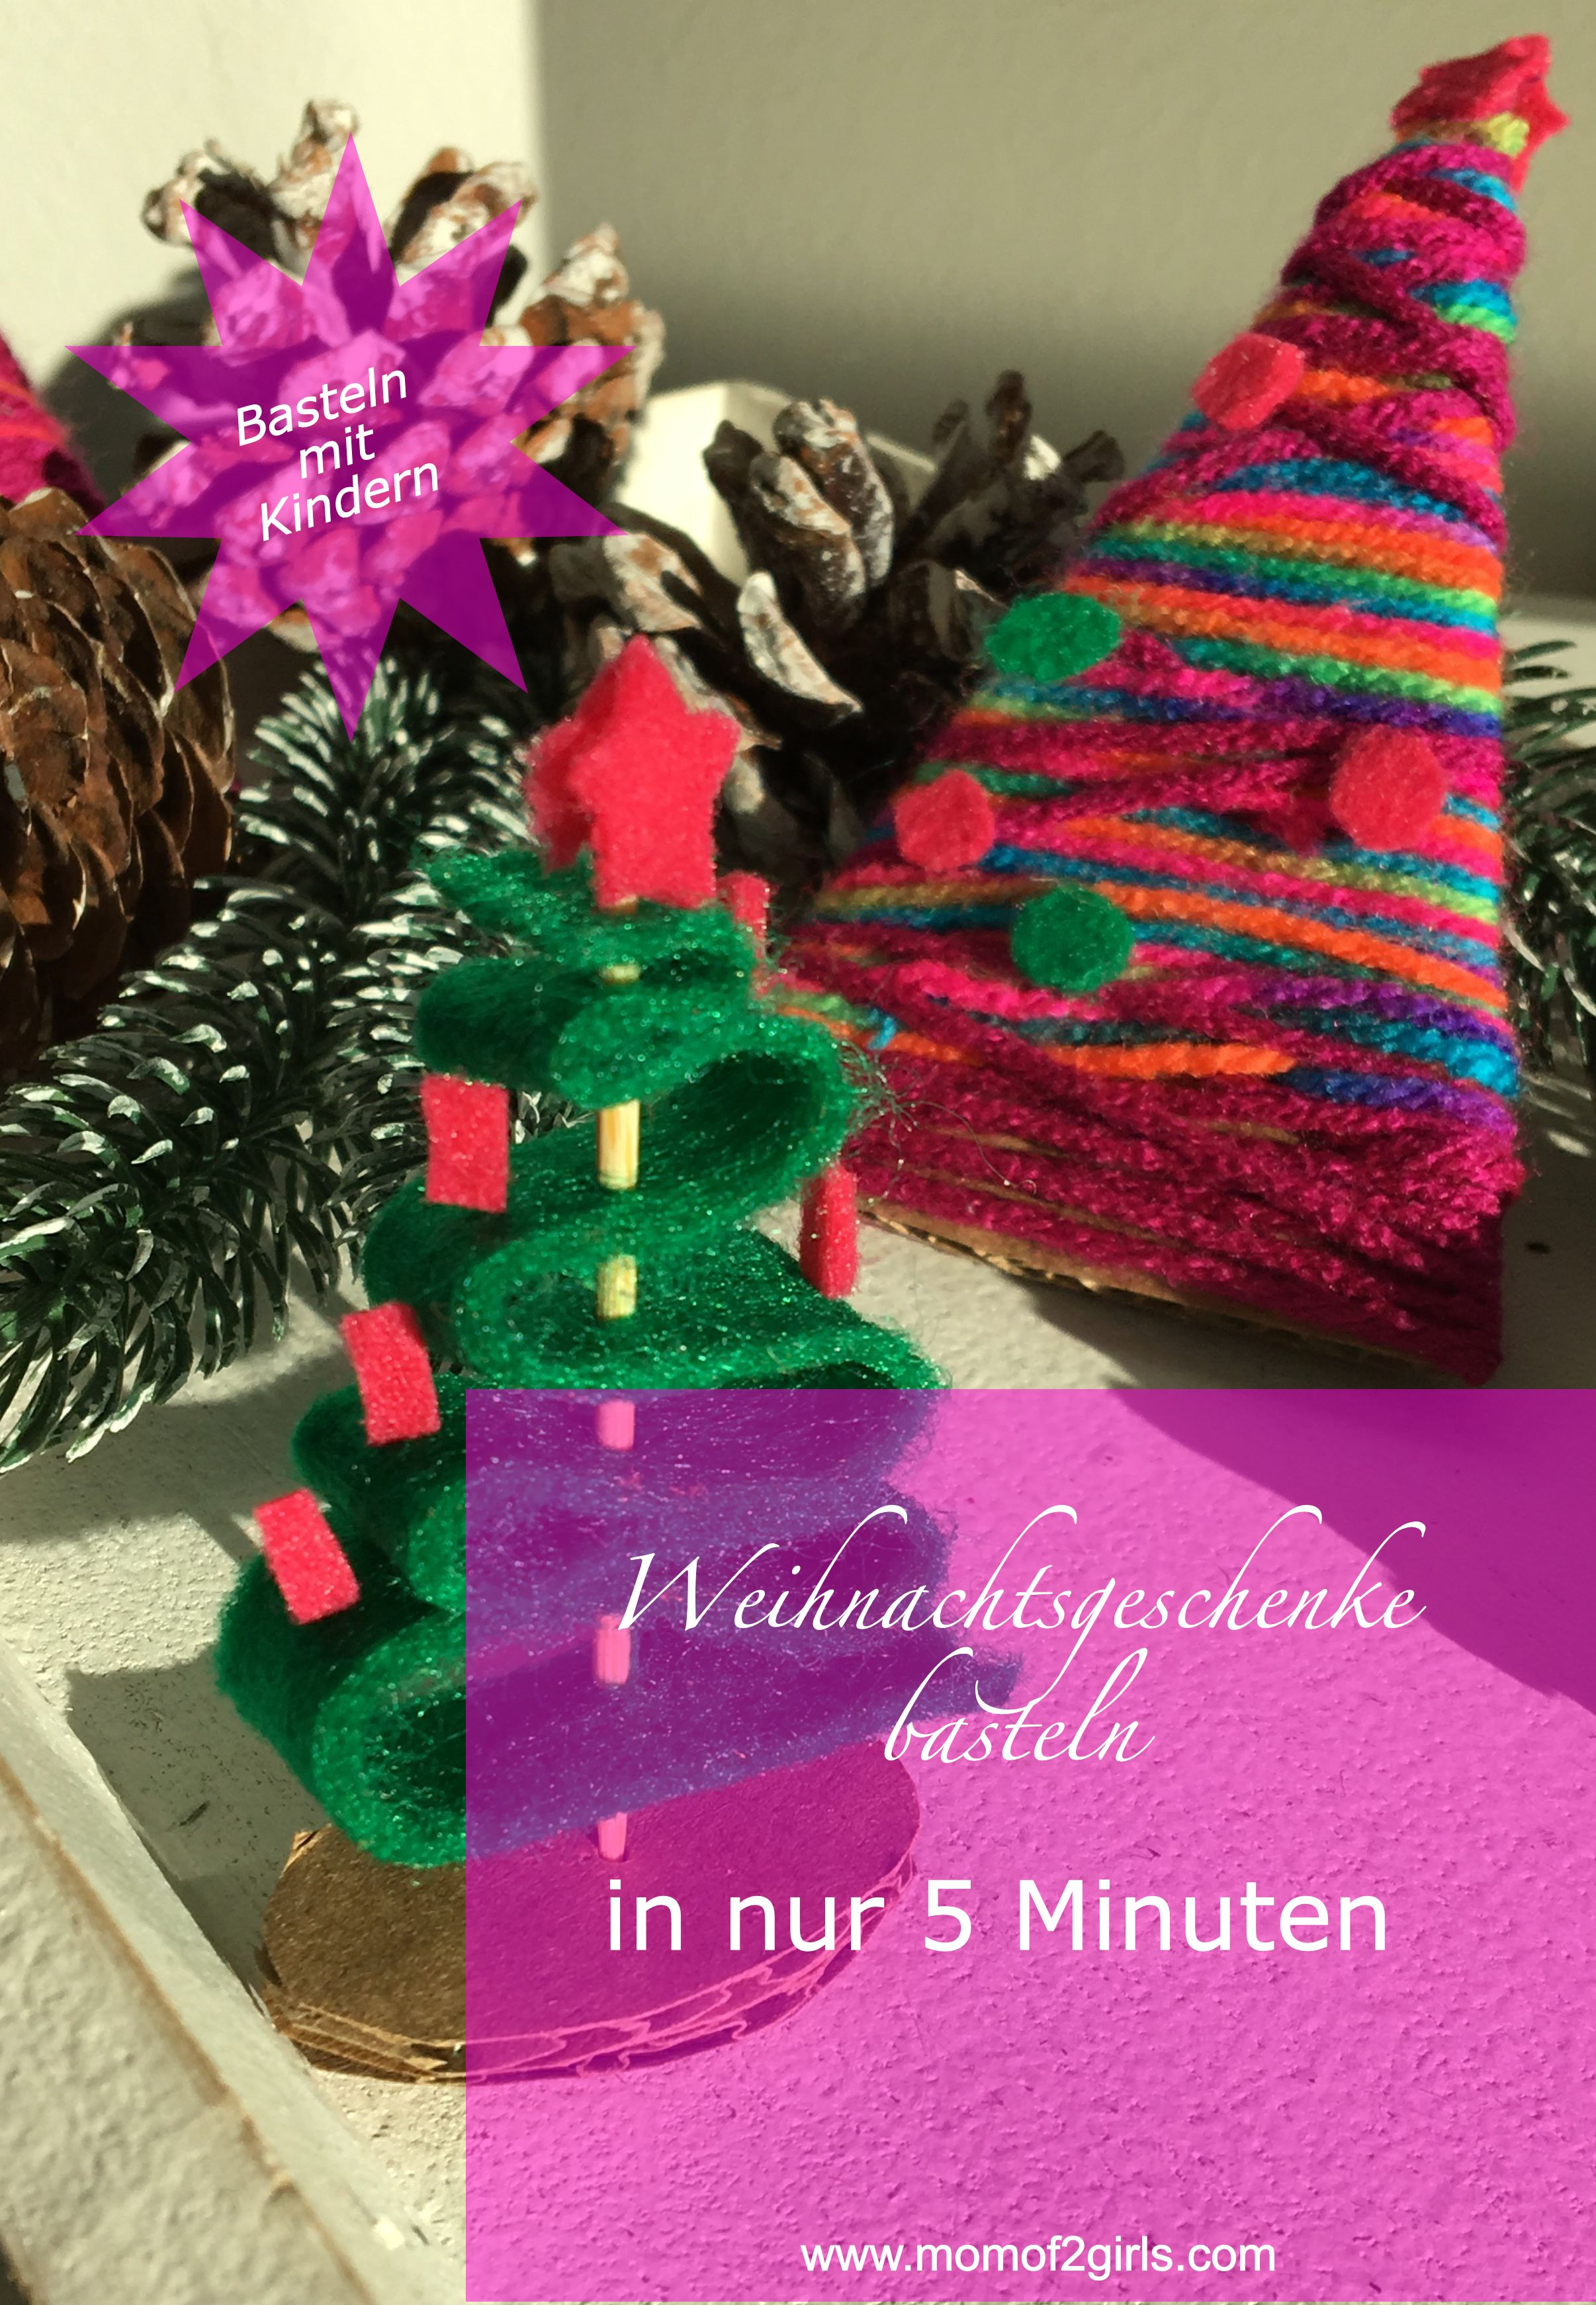 diy weihnachtsgeschenke selber basteln | mom of 2 girls-unser leben